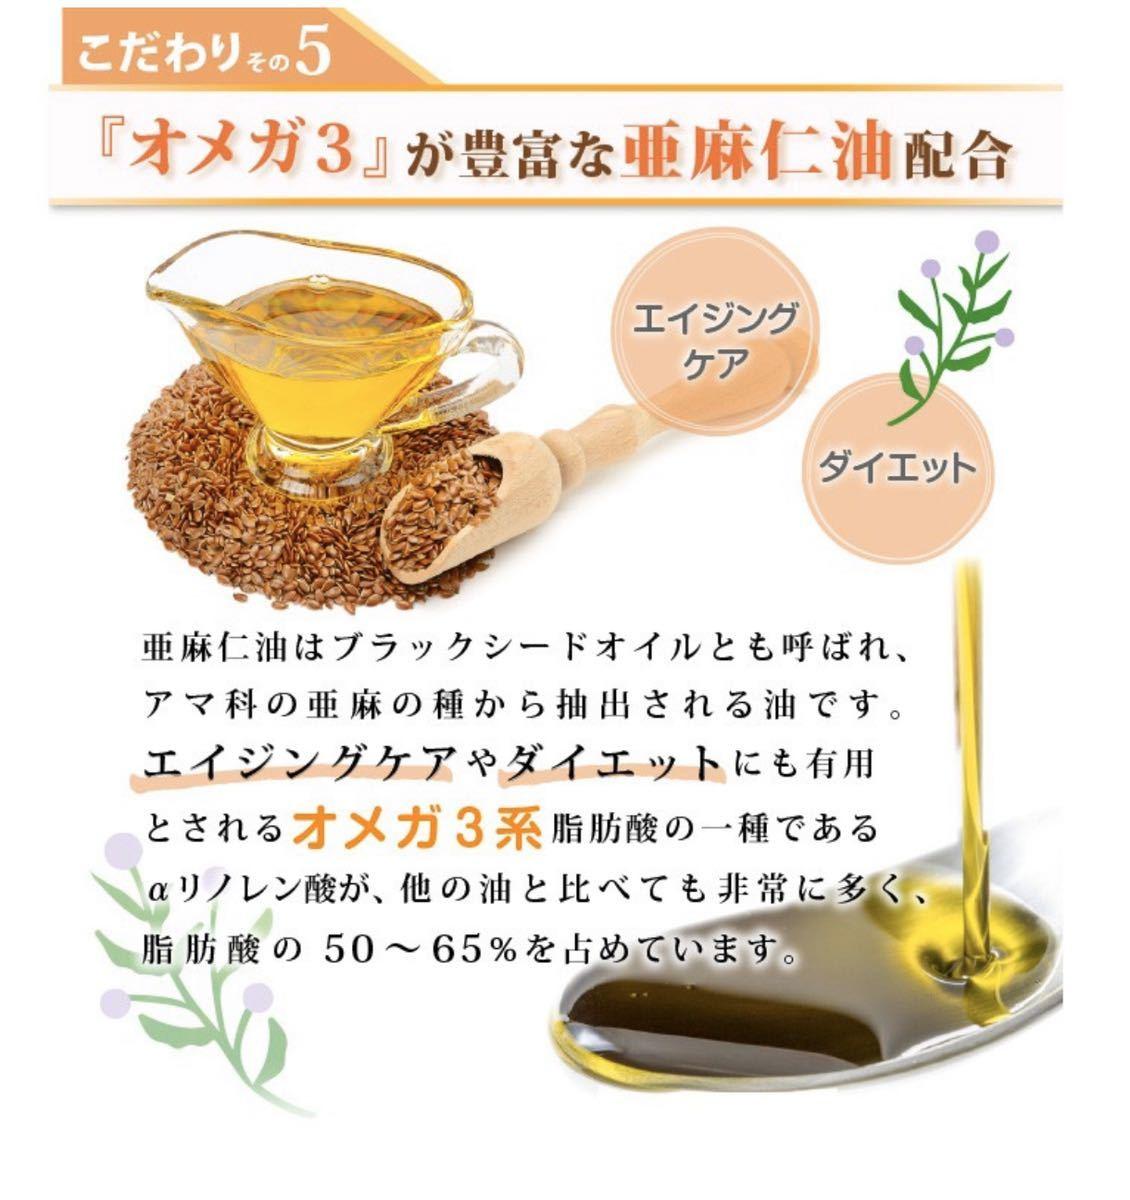 すっぽん黒酢+にんにく卵黄 約1ヵ月分 アミノ酸 無臭にんにく ジャポニカ種 美容 健康 ダイエット_画像6